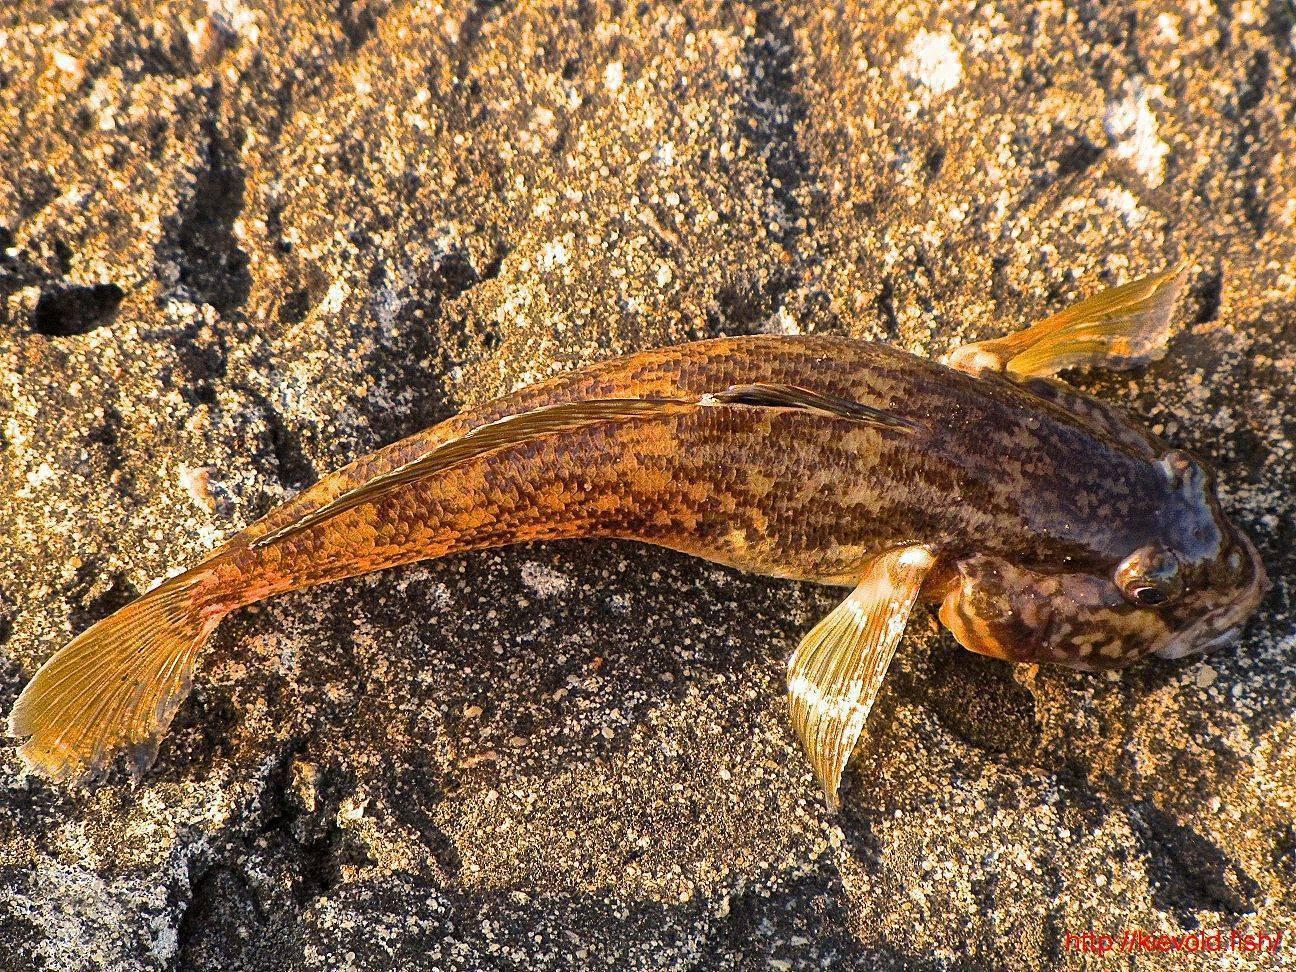 Черноморская рыба бычок: характеристика, виды и ловля морского бычка